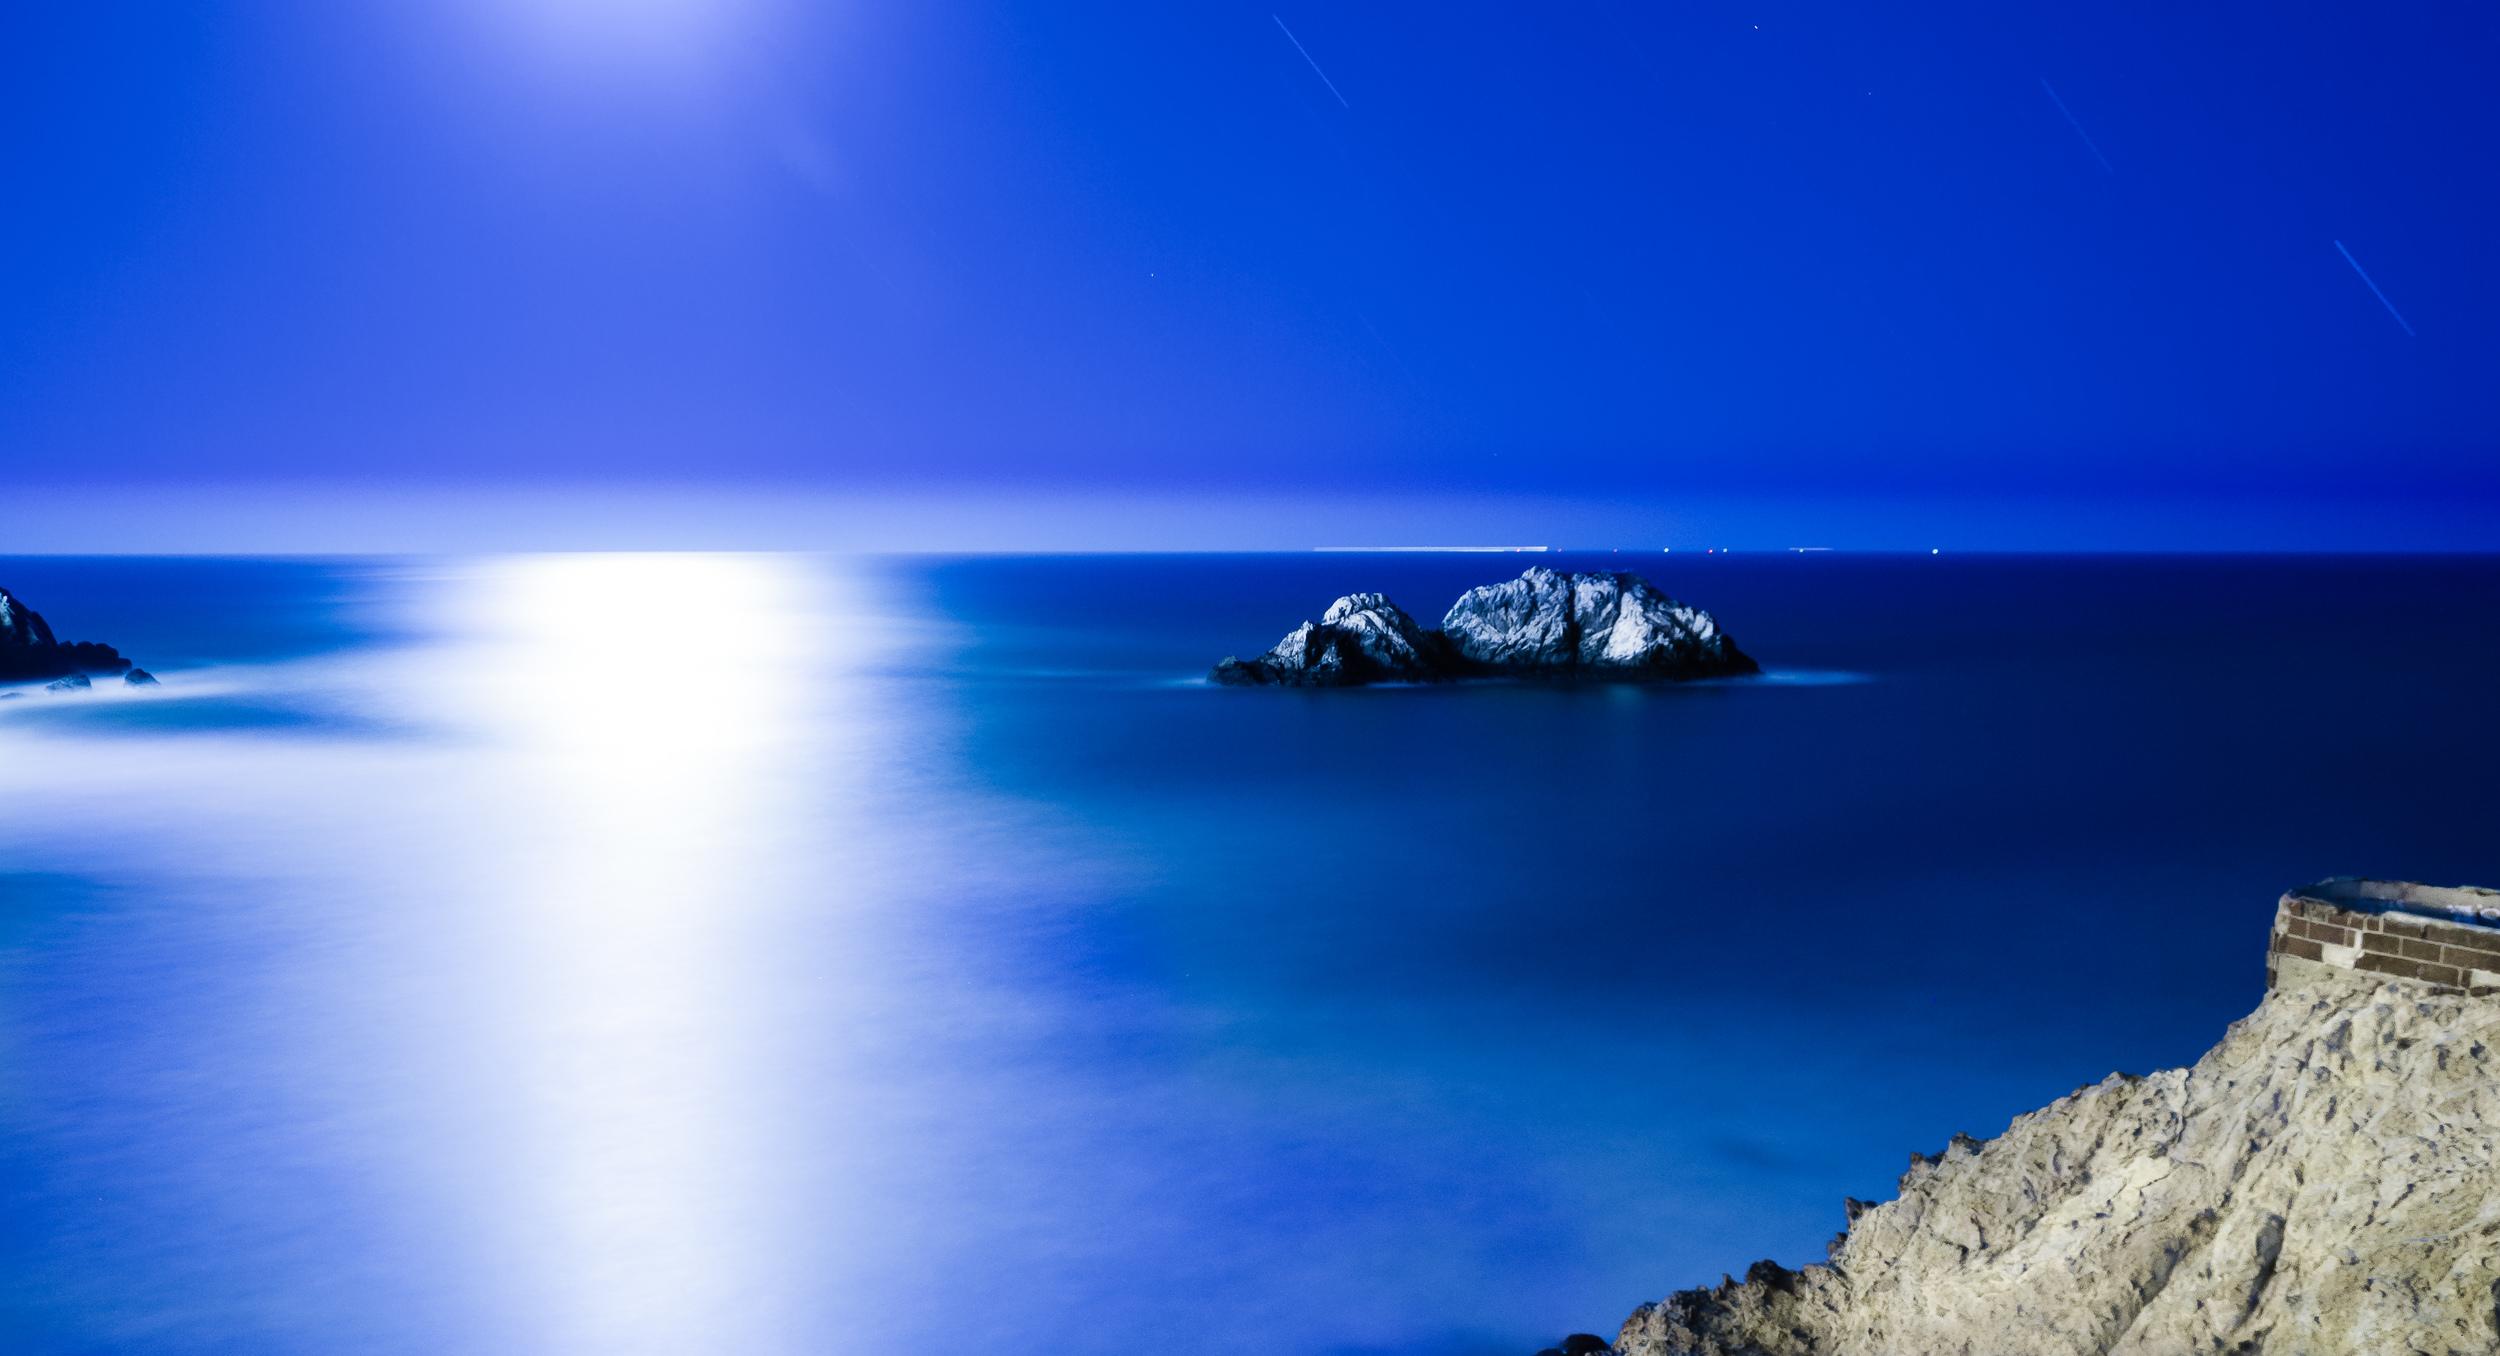 Fortunato_J_Night_Redo_1.jpg